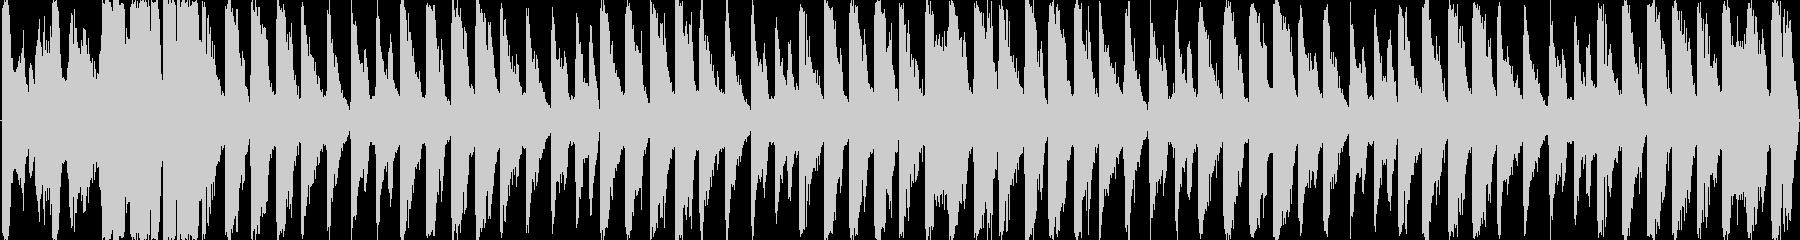 【爽やかのんびりEDMポップ】の未再生の波形